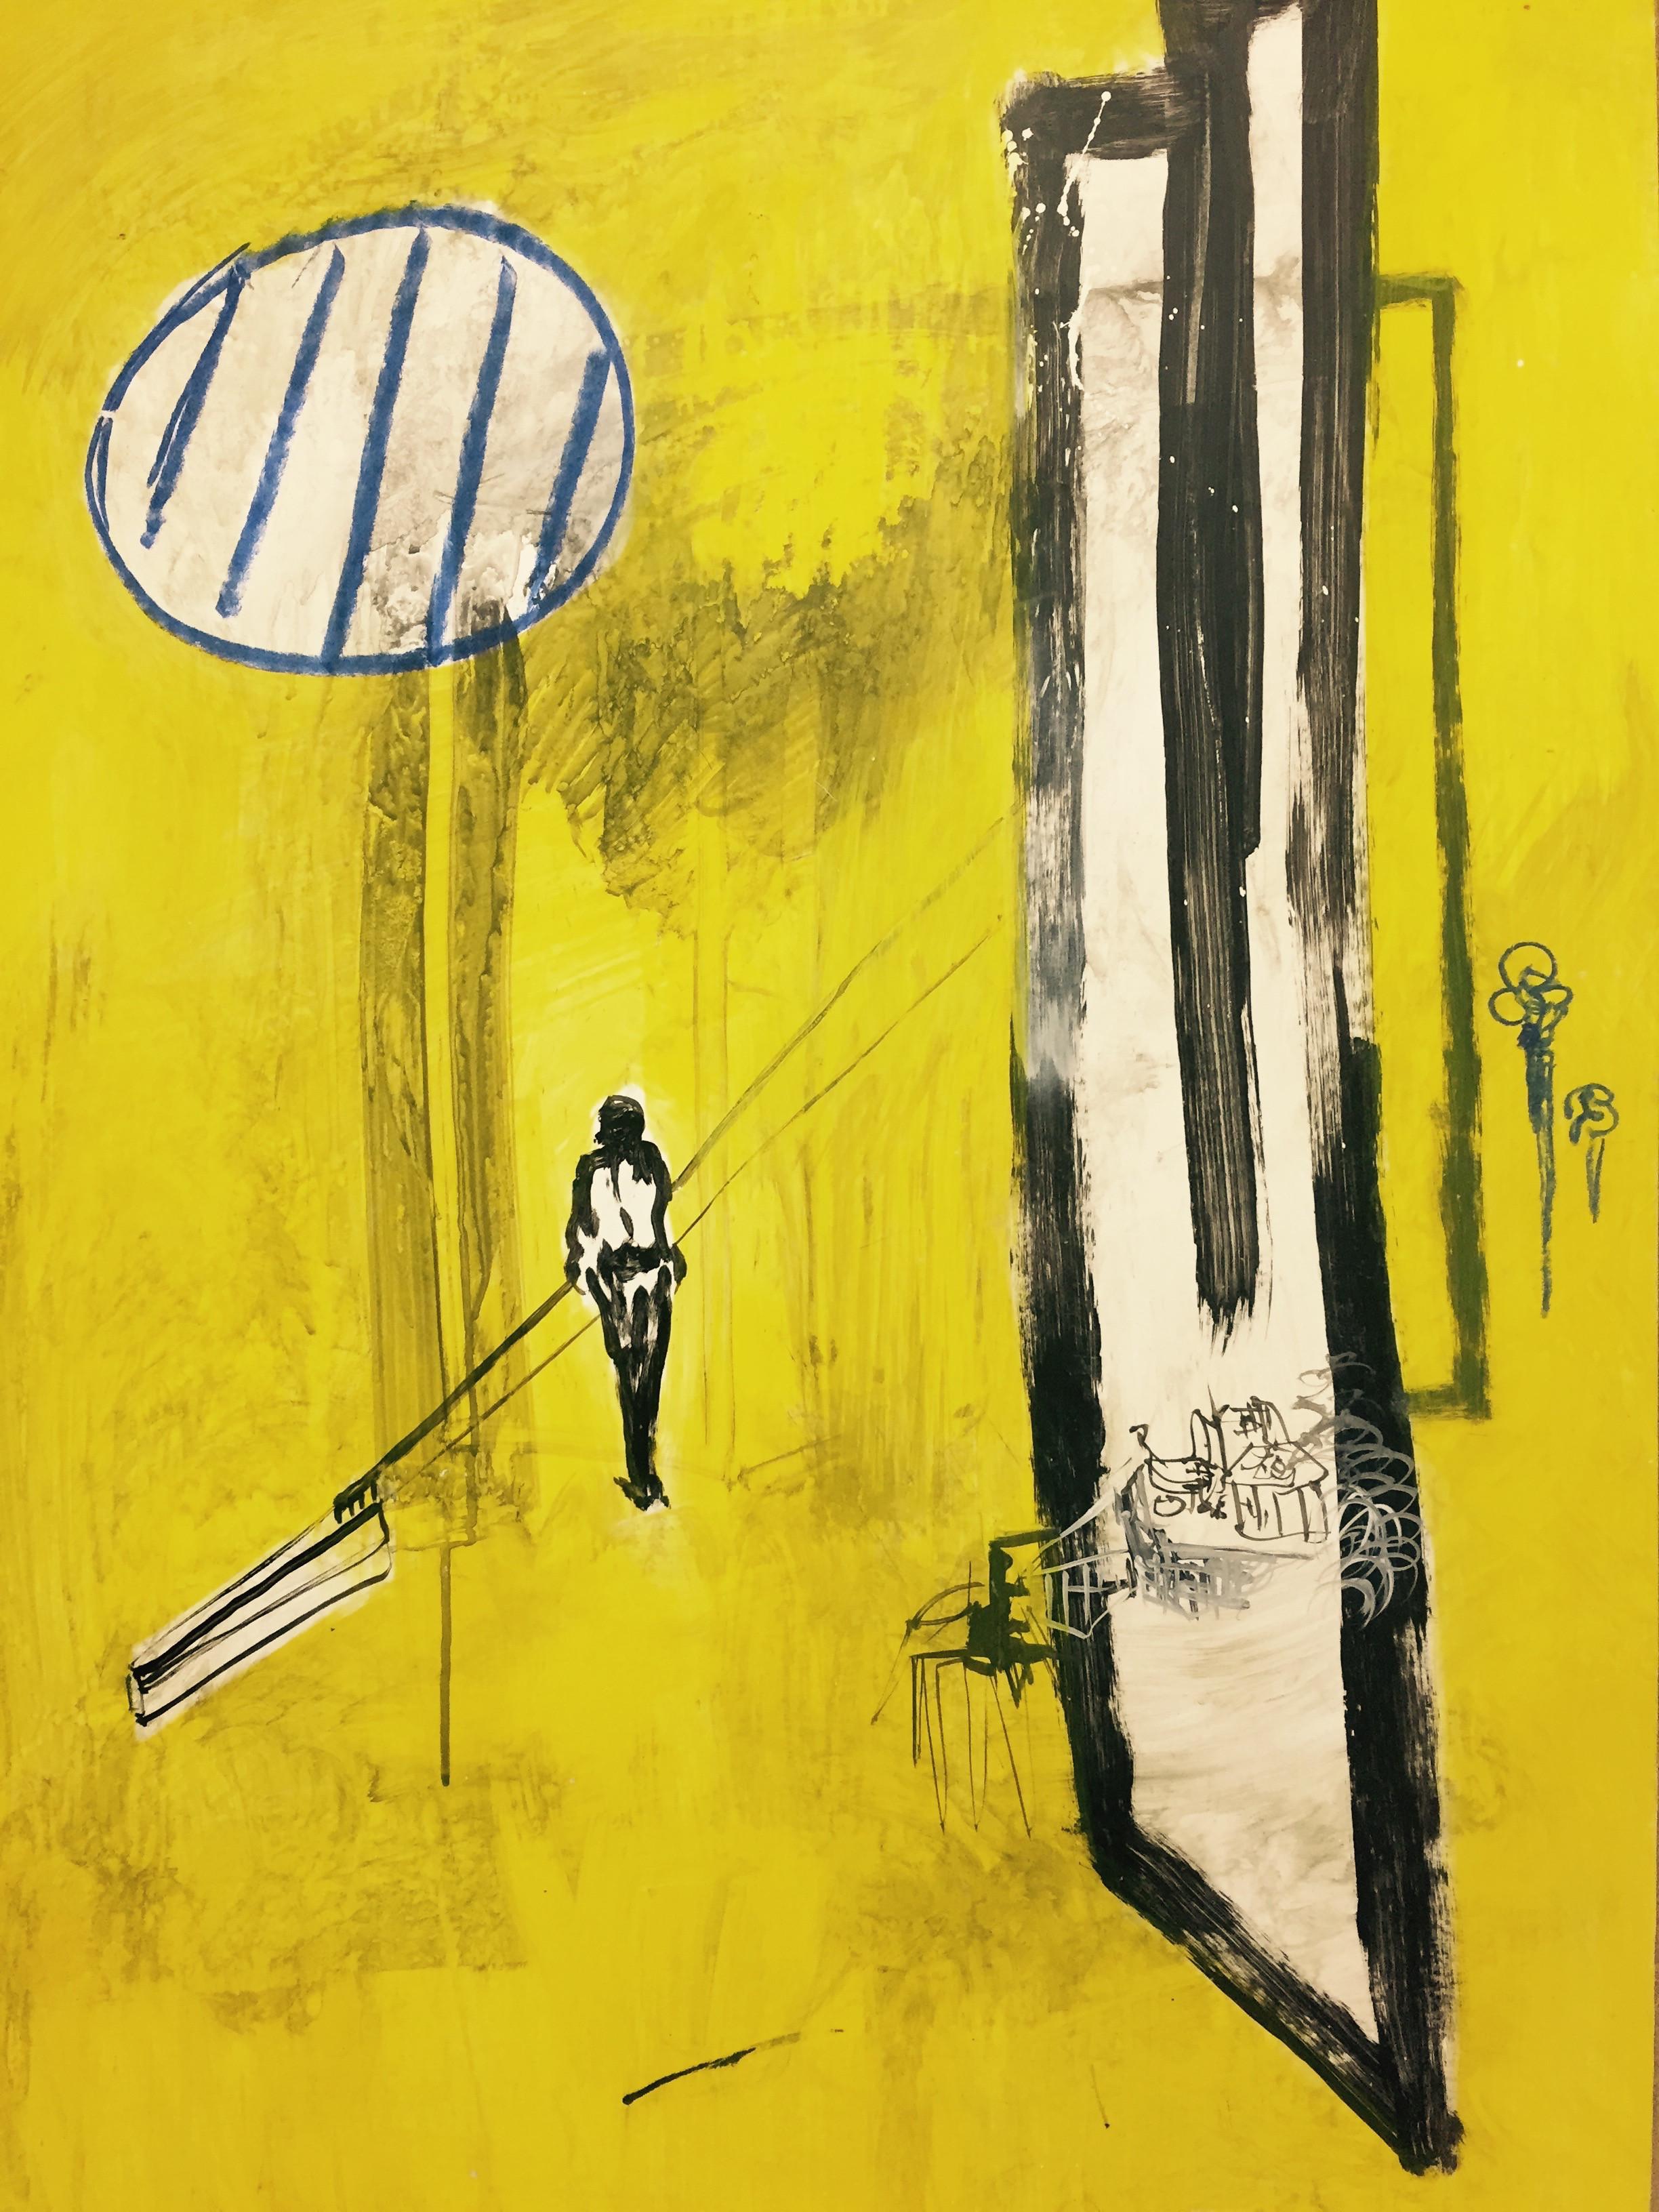 Le miroir jaune